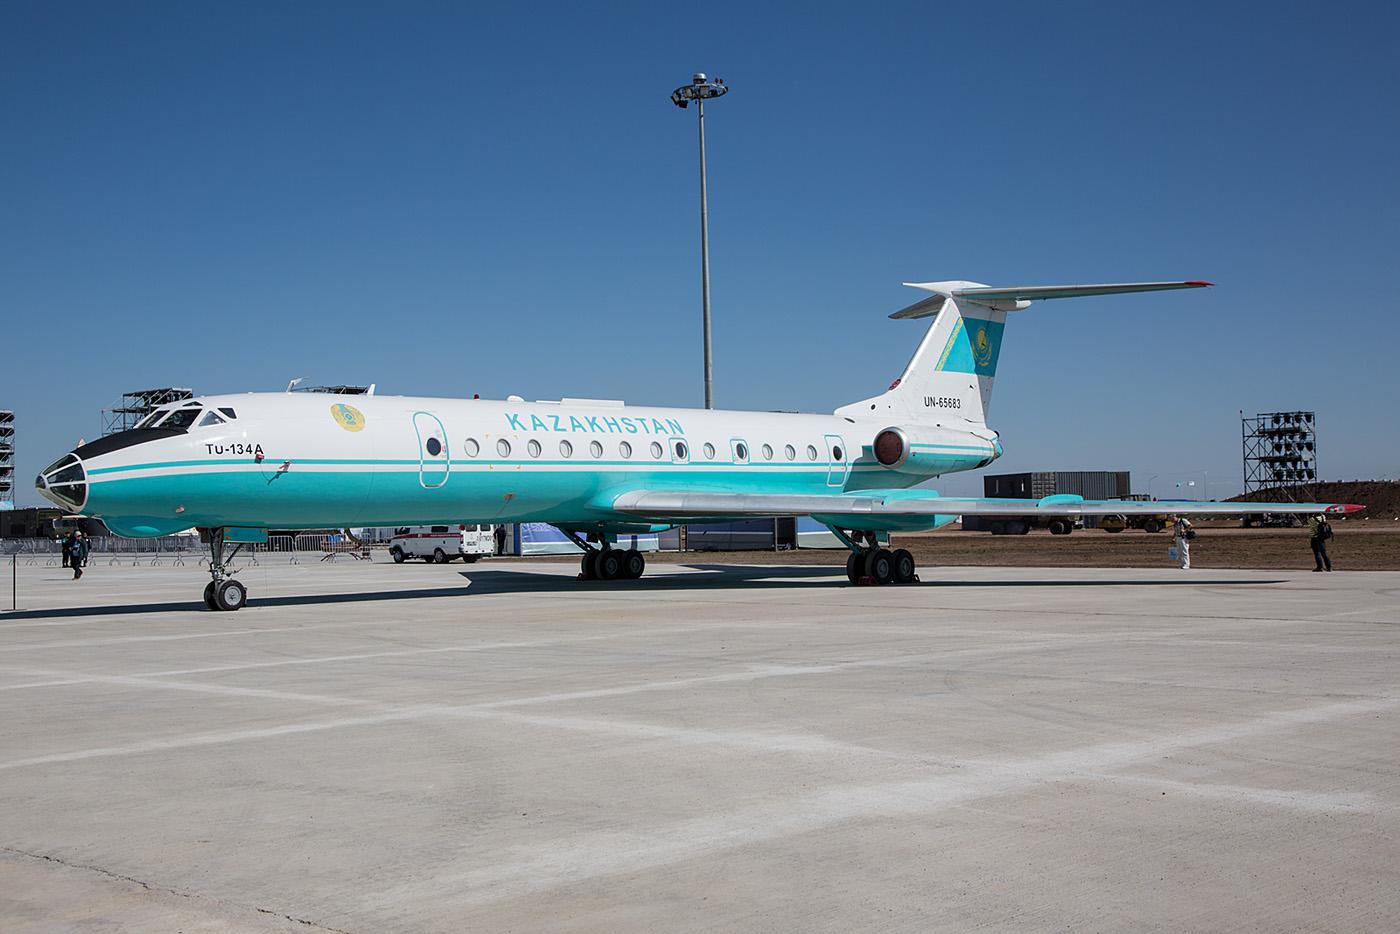 Tupolev Tu-134A der Regierungsfliegerstaffel, achön im Jahr 2016 noch eine aktive Maschine dieses Typs zu sehen.